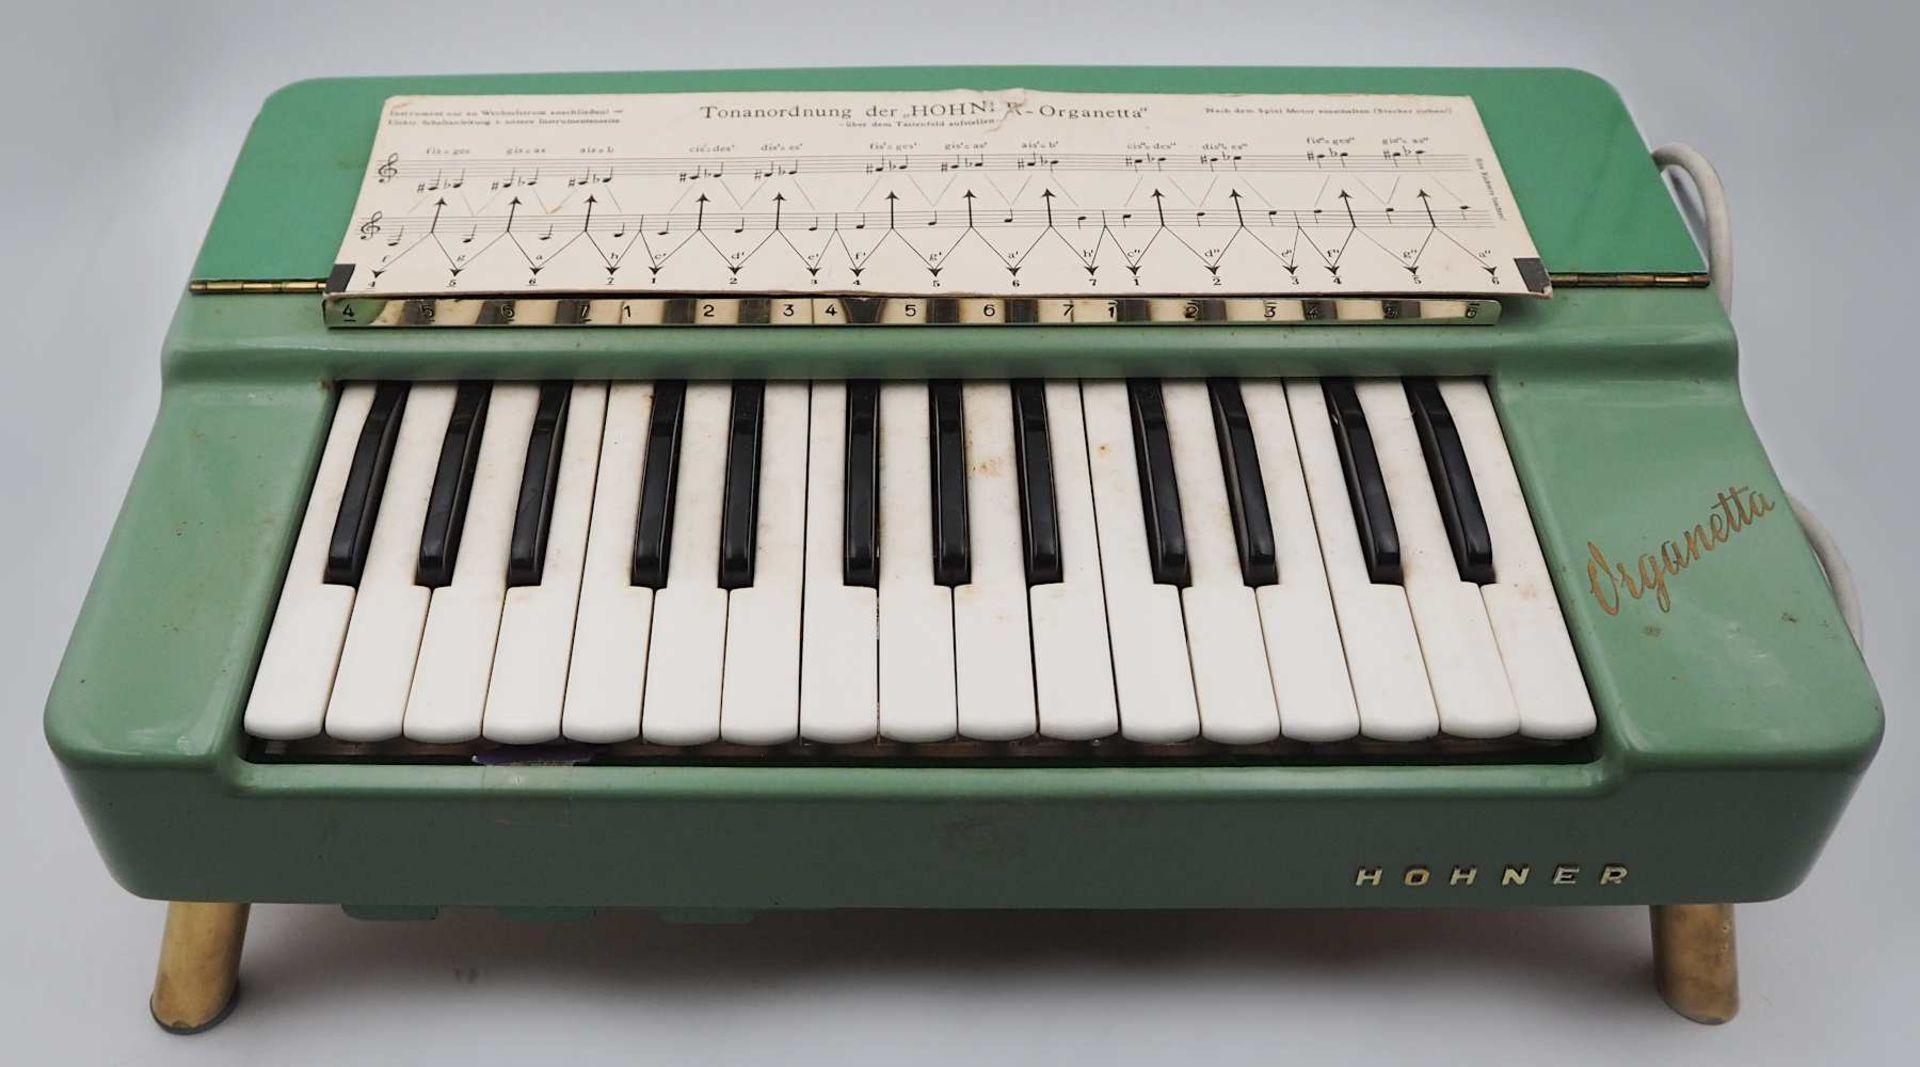 """1 Tischorgel HOHNER """"Organetta"""" wohl um 1958 Korpus lackierte Fichte, 29 Tasten, für - Bild 2 aus 3"""